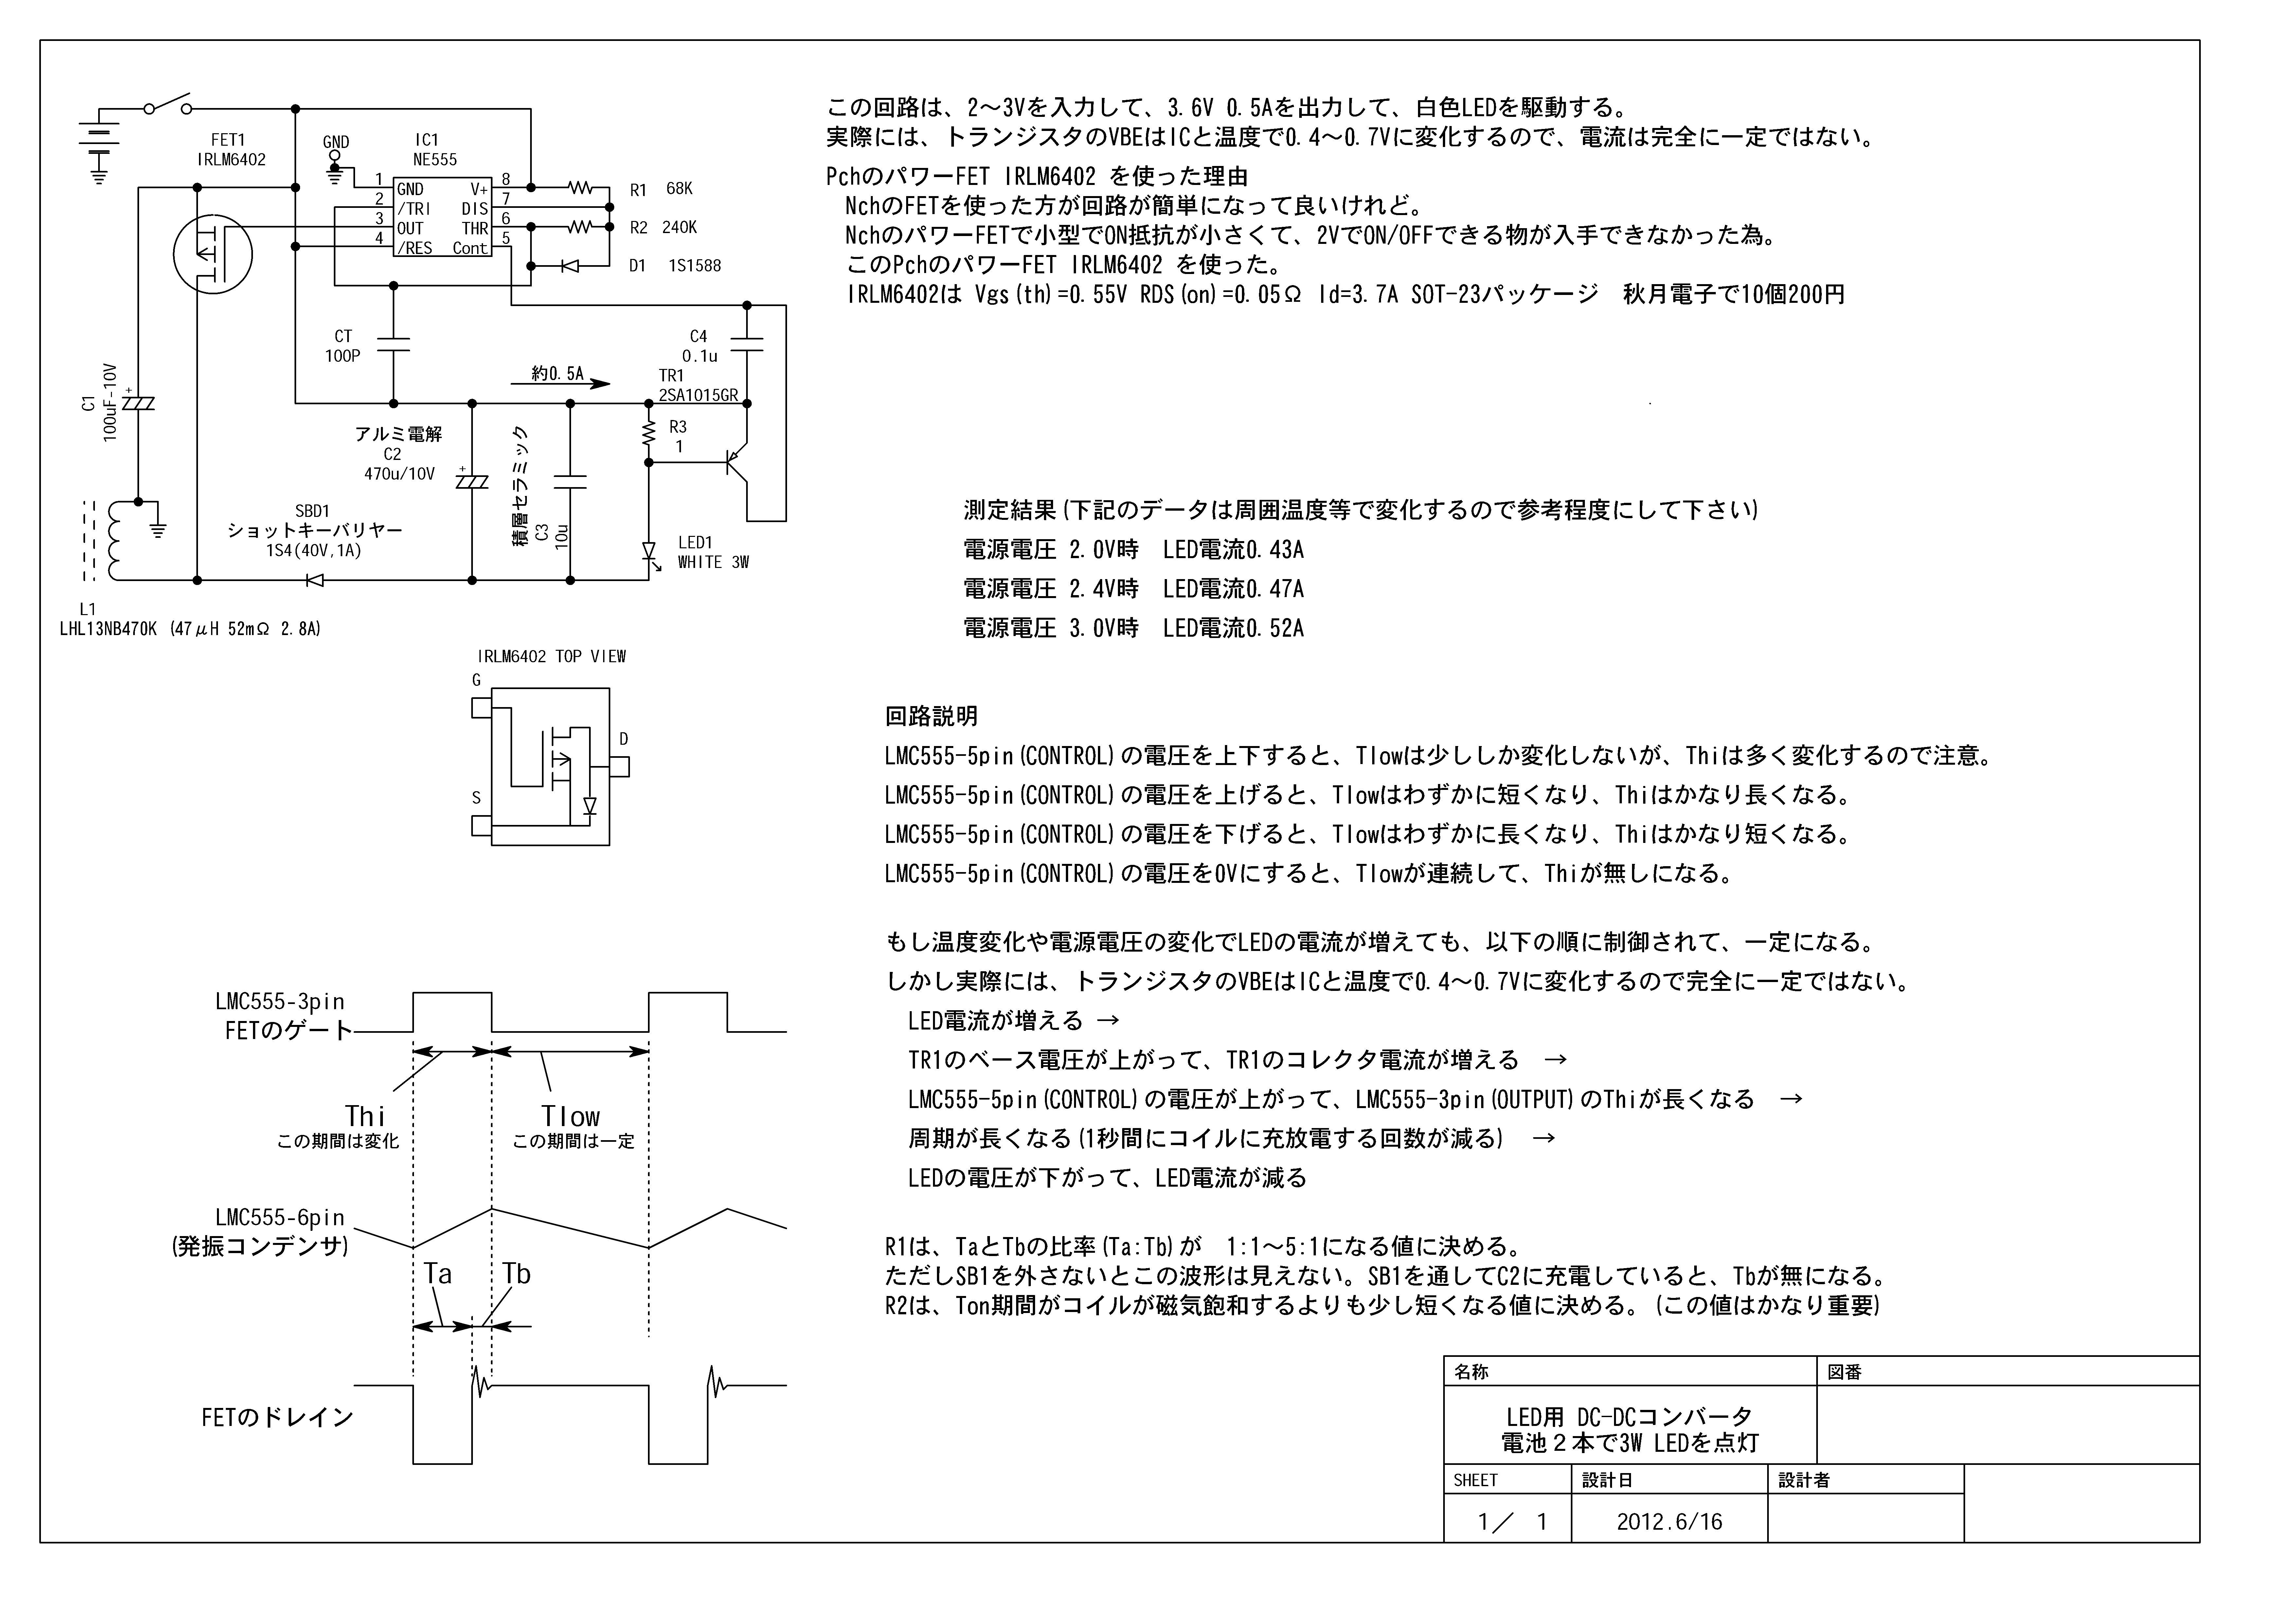 d822c915.png